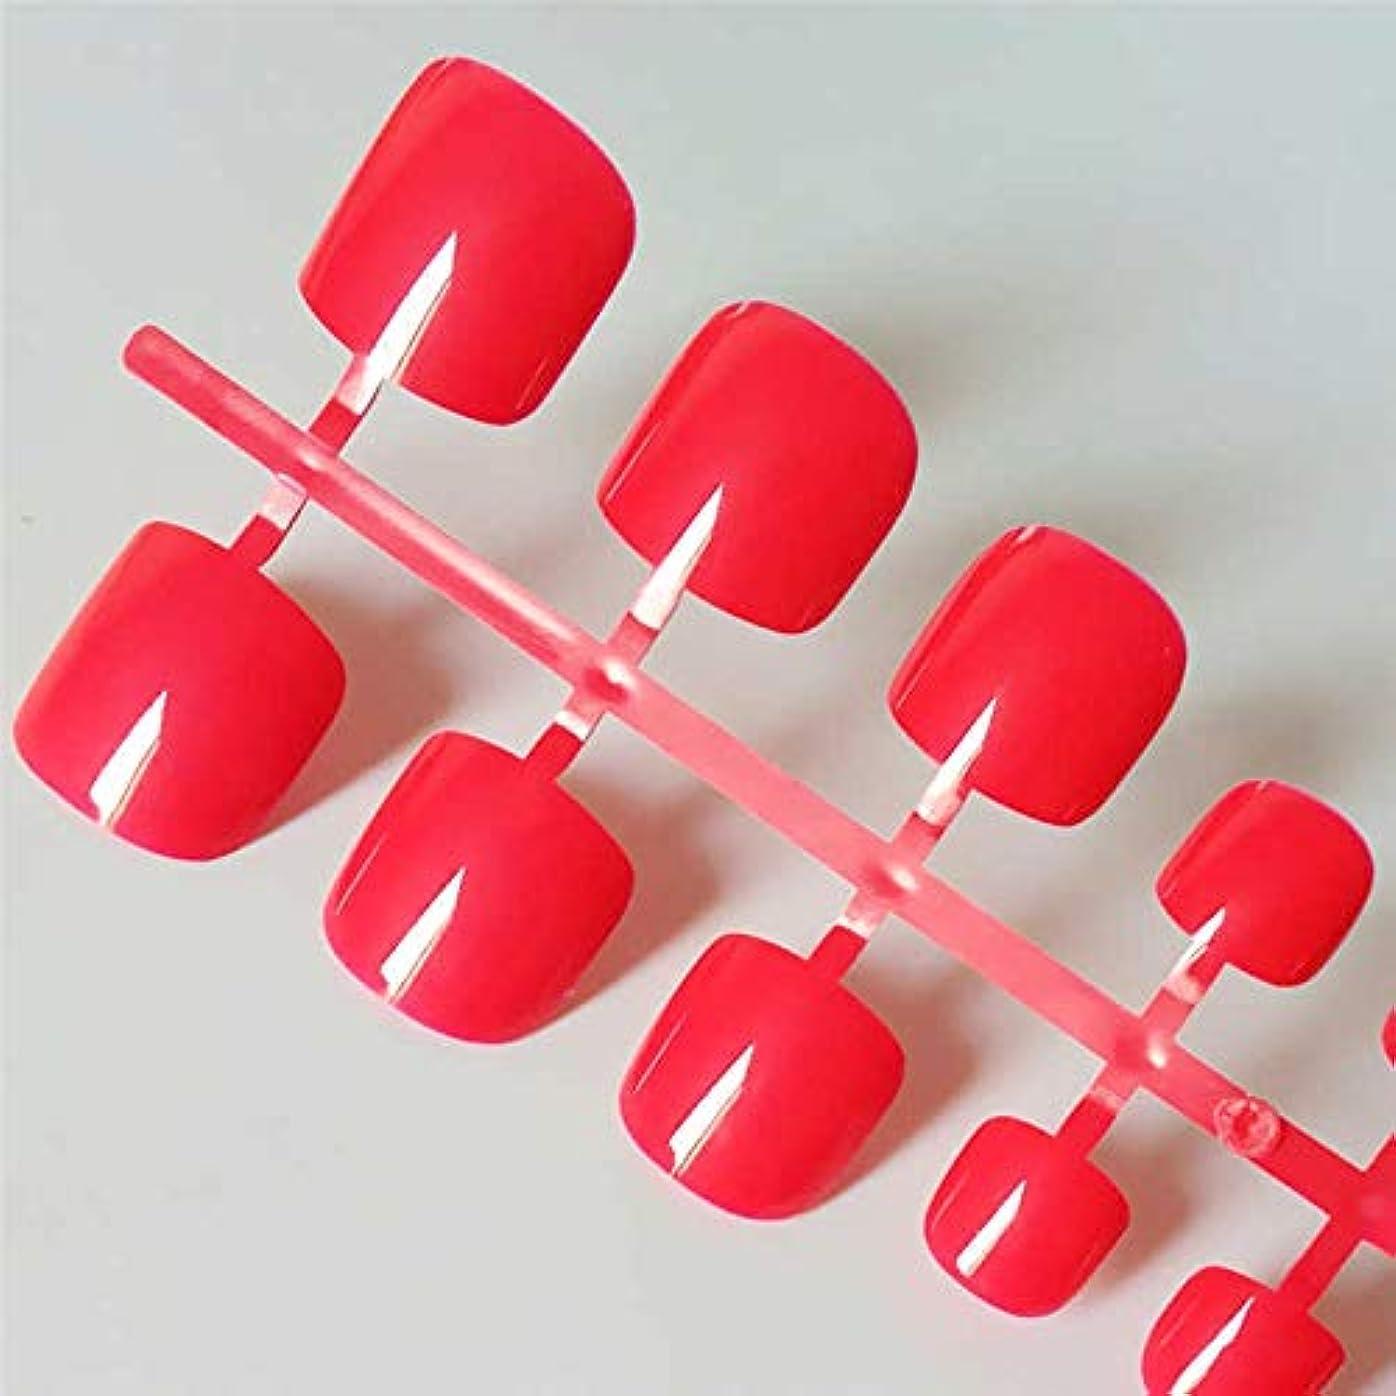 提供する密接に神社XUTXZKA 人工的なキャンディーカラーの偽足指の爪の明るい緑色の偽足の広場プレス